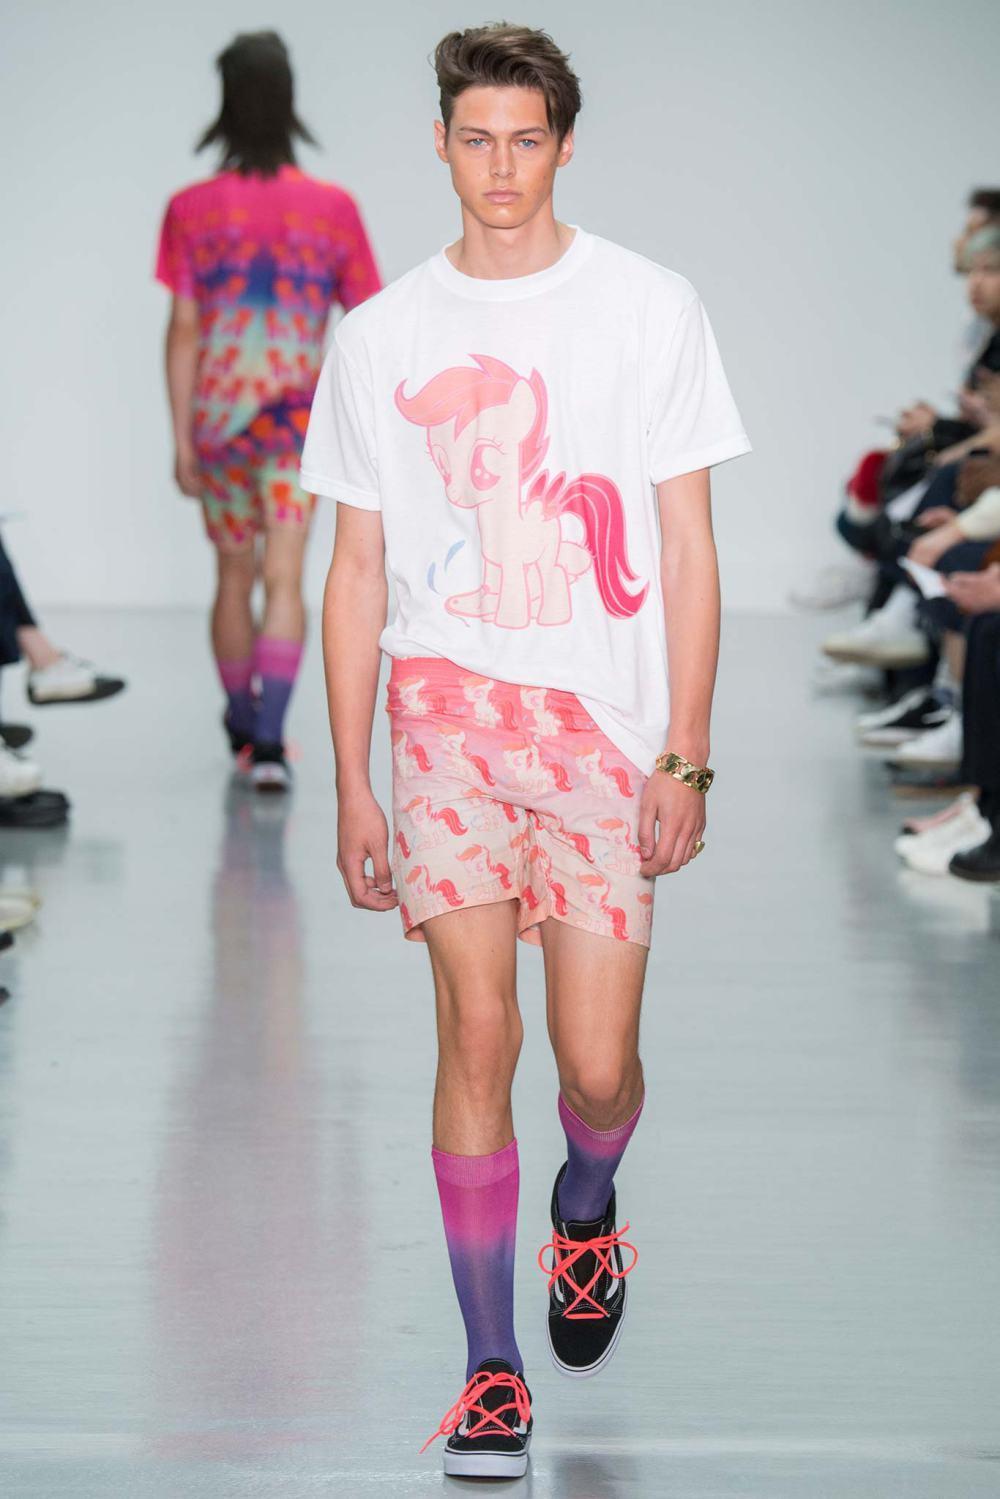 мужская мода 2019 весна лето: розовые шорты с рисунком футболка белая